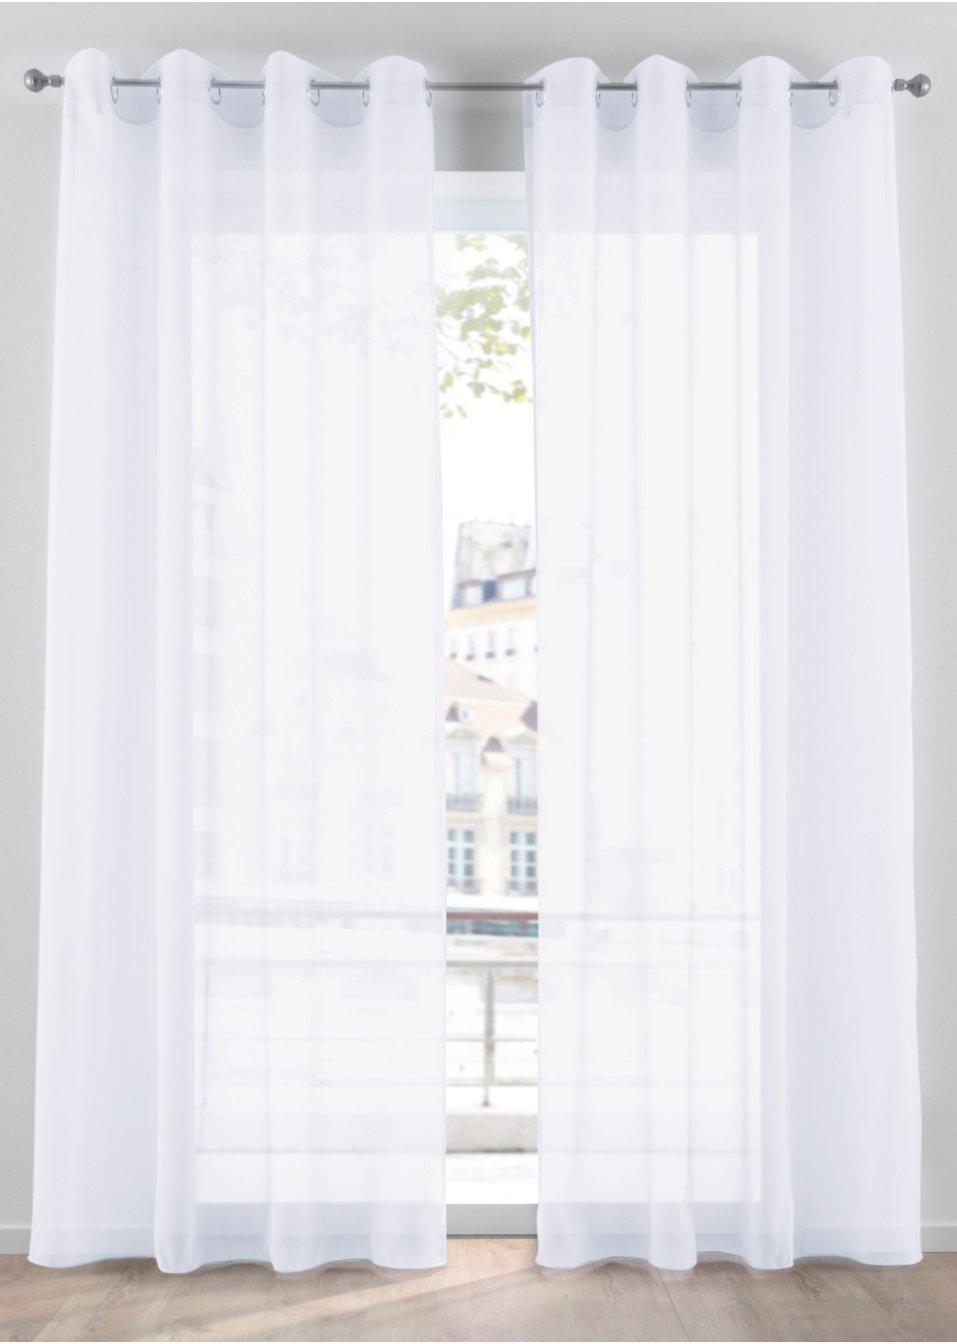 Full Size of Küchenfenster Gardine Schlichte Fensterdekoration In Vielen Trendfarben Wei Gardinen Für Wohnzimmer Schlafzimmer Scheibengardinen Küche Die Fenster Wohnzimmer Küchenfenster Gardine